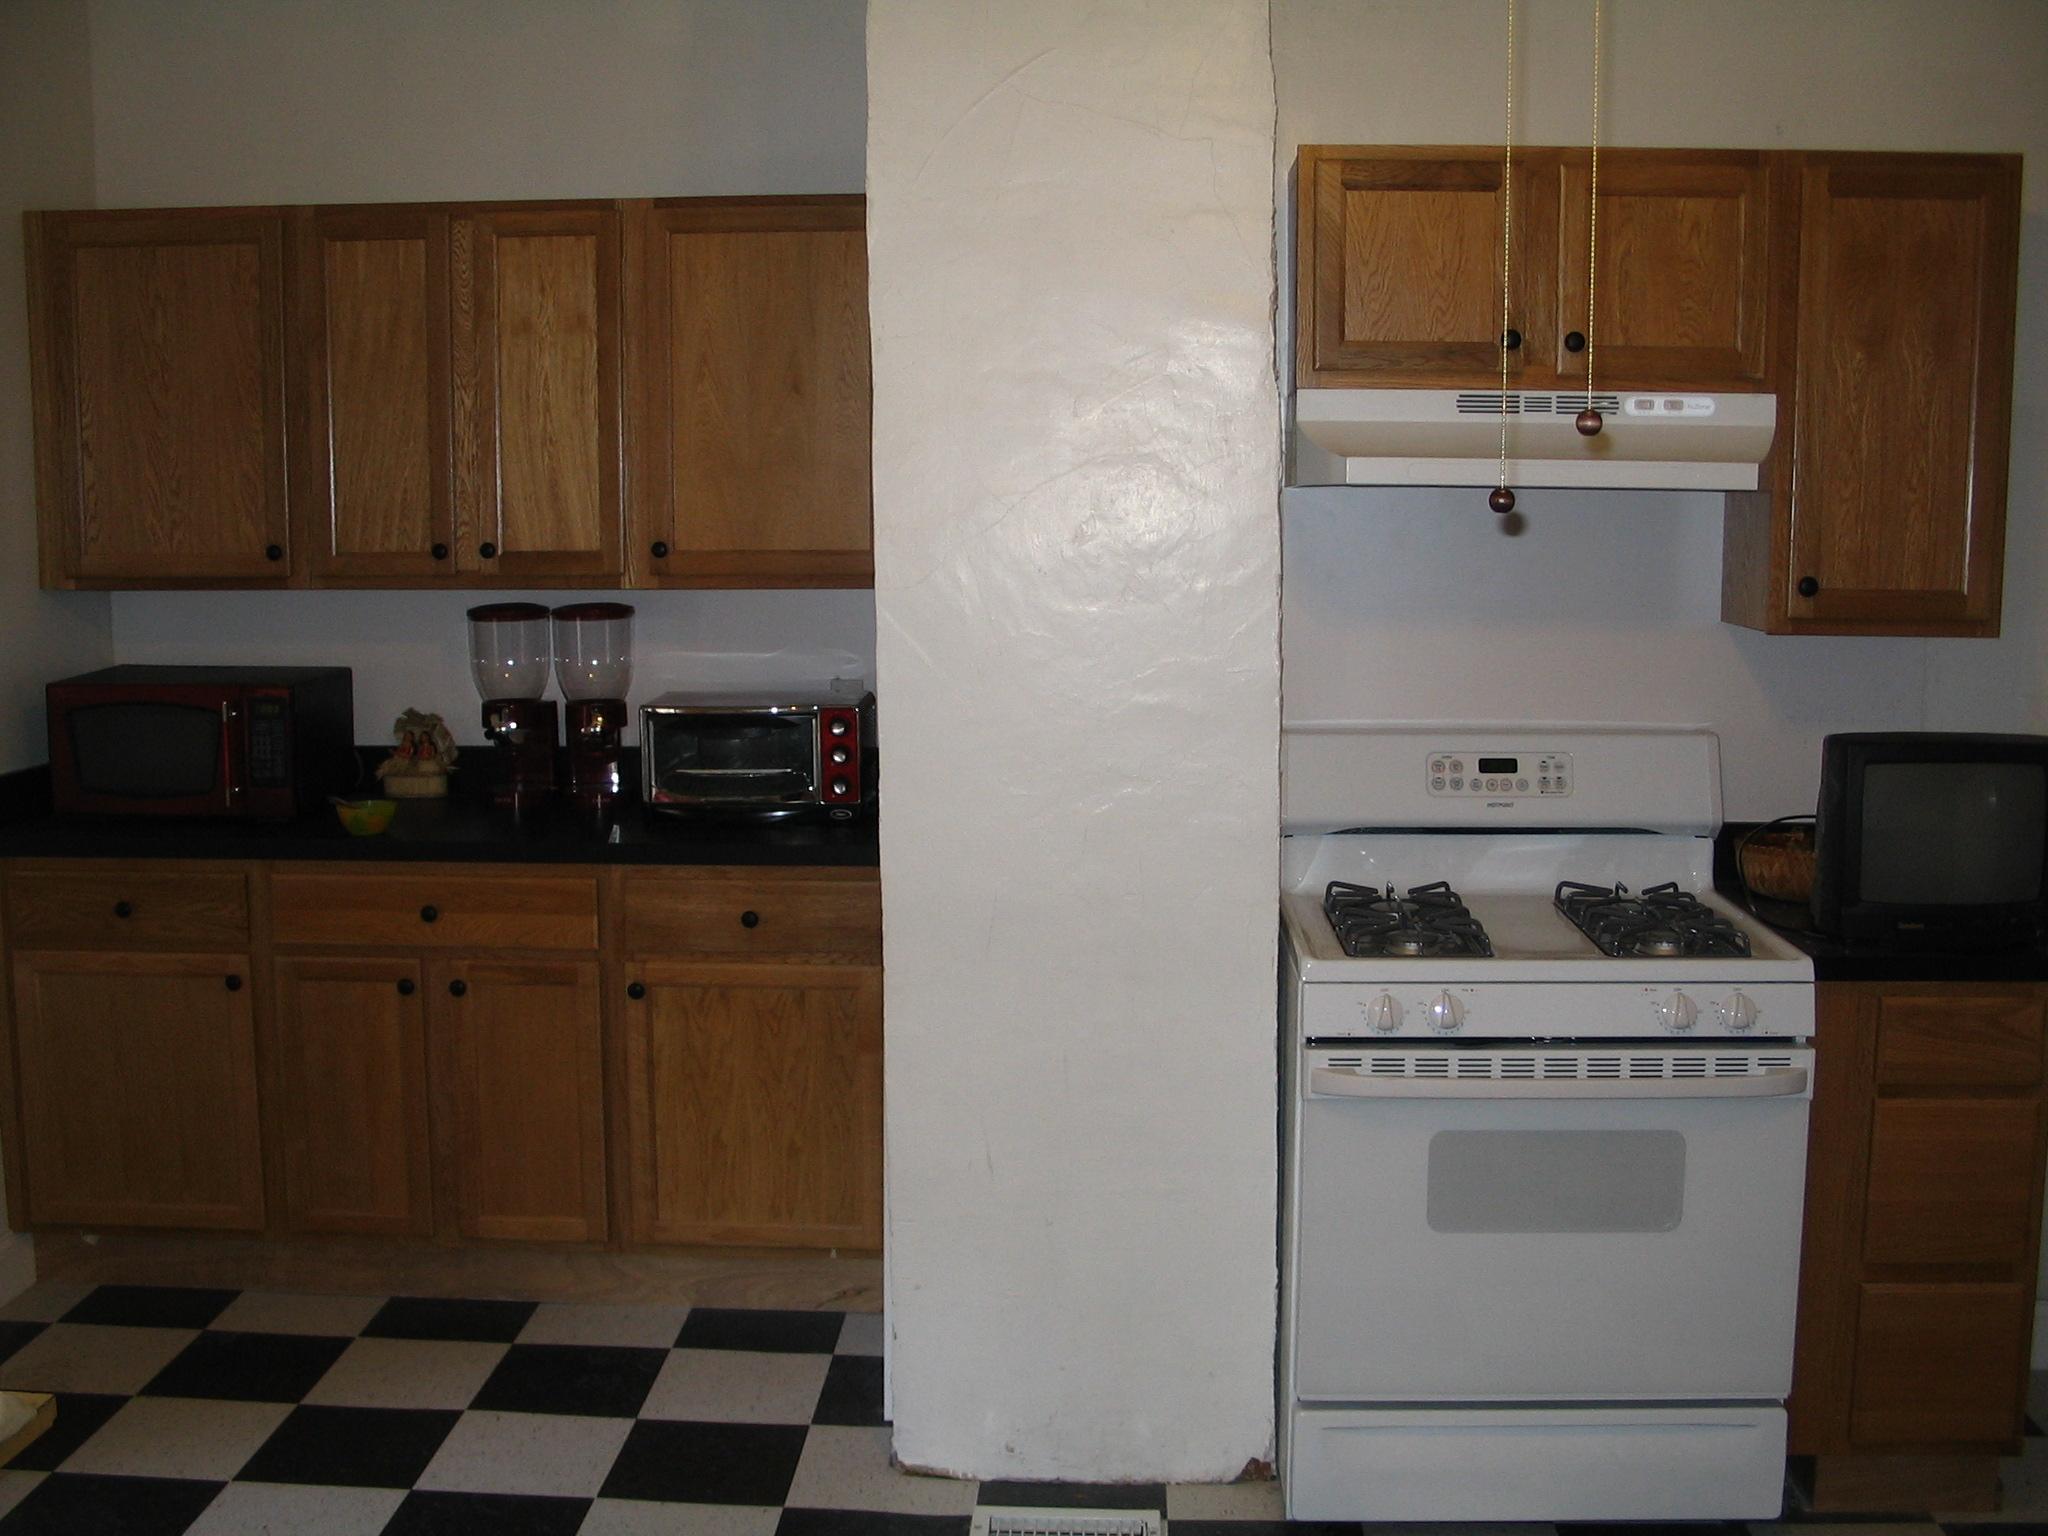 Inman St. kitchen (before)